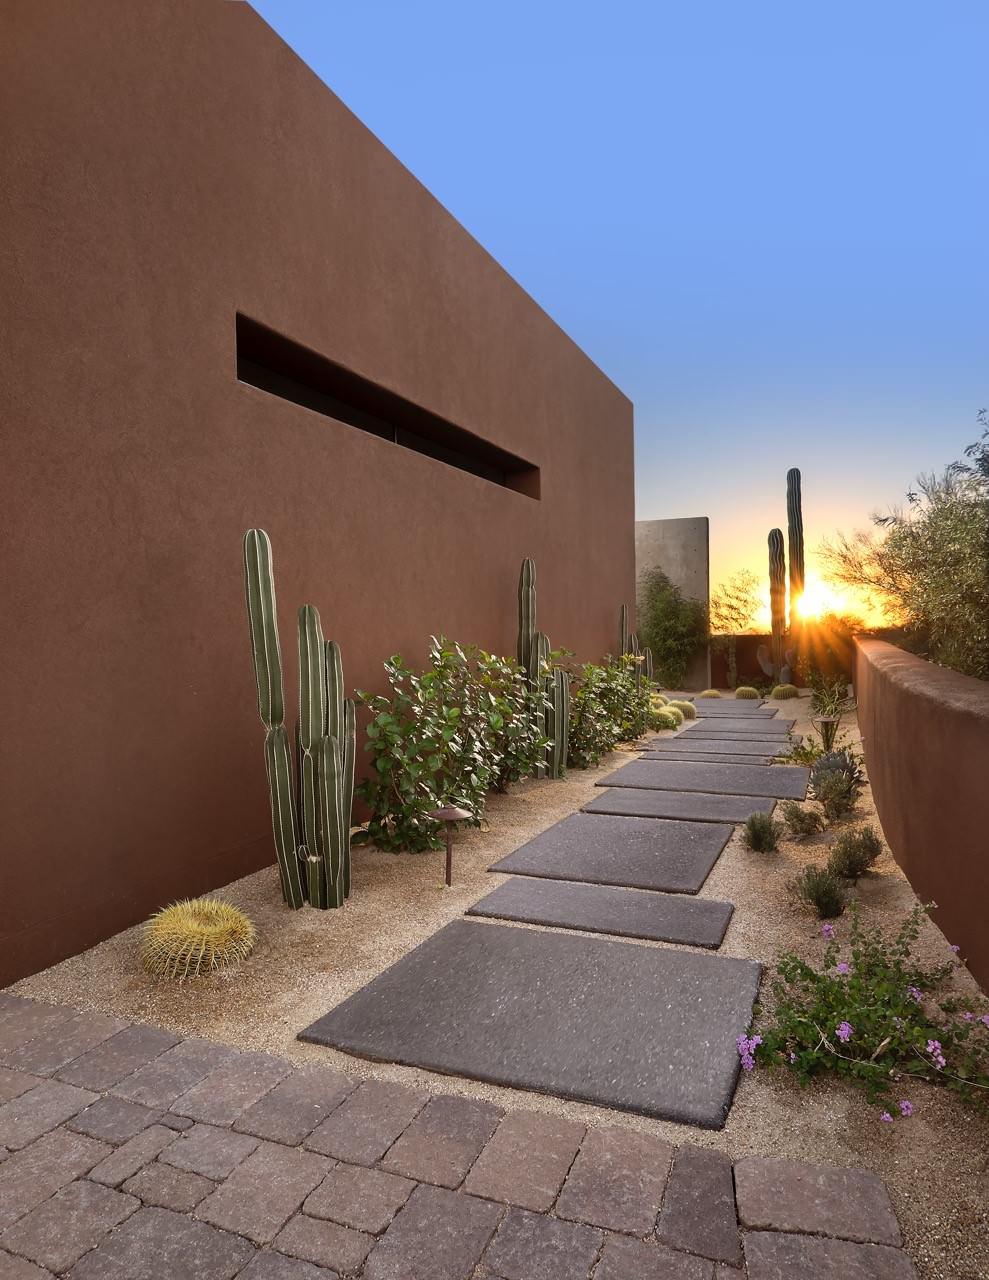 concrete wall cactus stone paving desert landscape contemporary house flowers